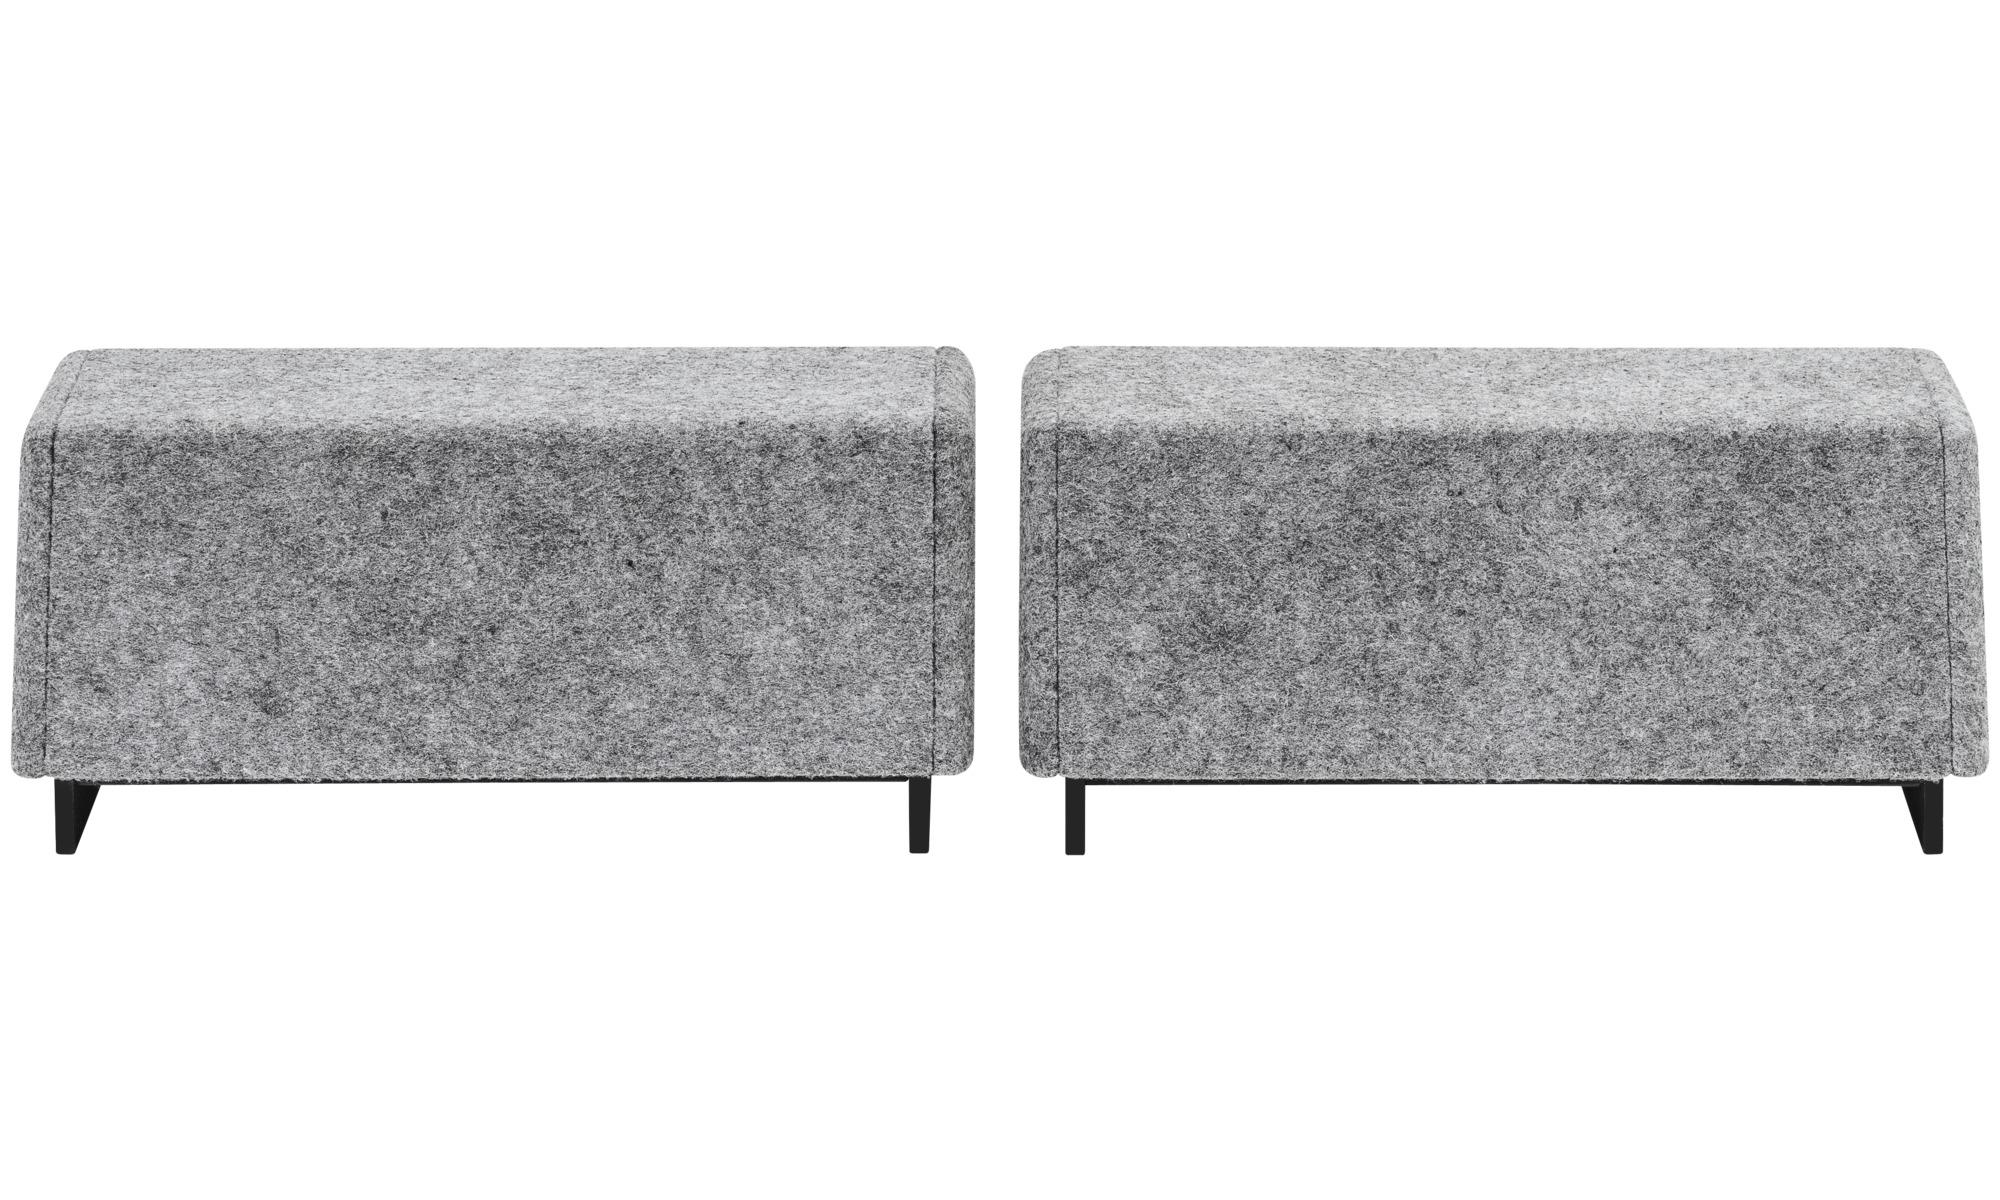 Full Size of Sofa Lautsprecher Couch Mit Bluetooth Und Led Big Integriertem Schreibtische Cupertino Set Boconcept Lila Kaufen Le Corbusier Chippendale Marken Weiß Grau Wohnzimmer Sofa Mit Musikboxen